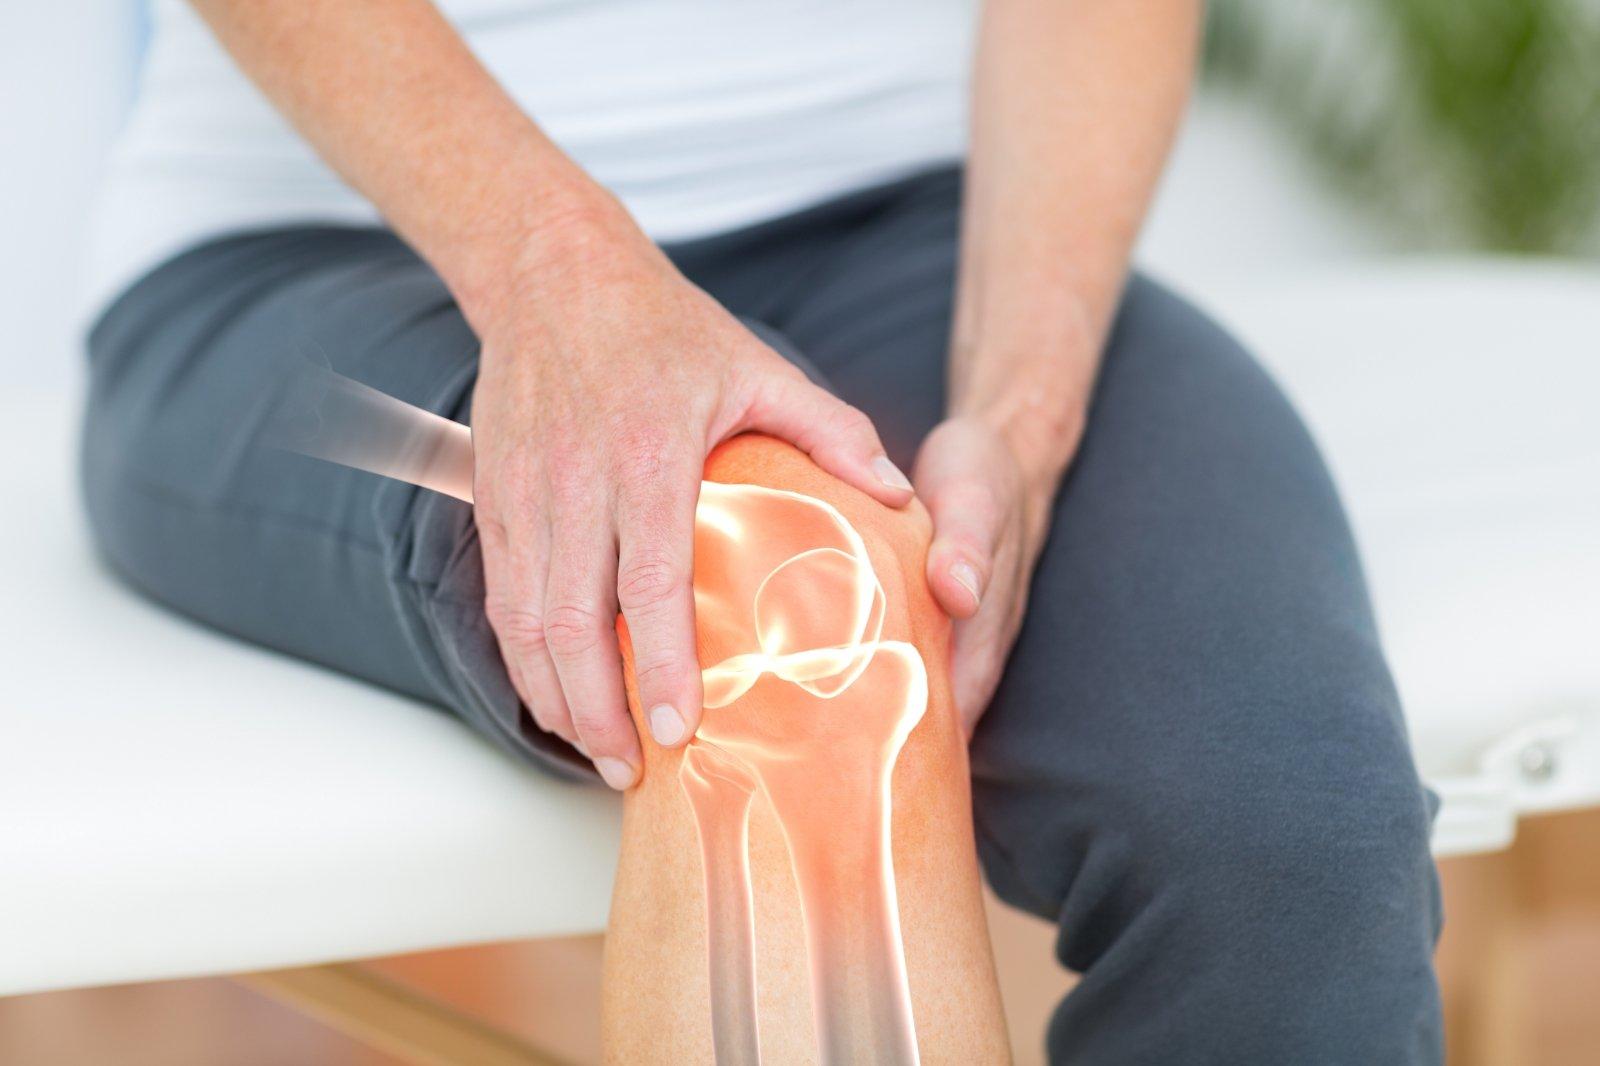 rinkinys raumenys skauda